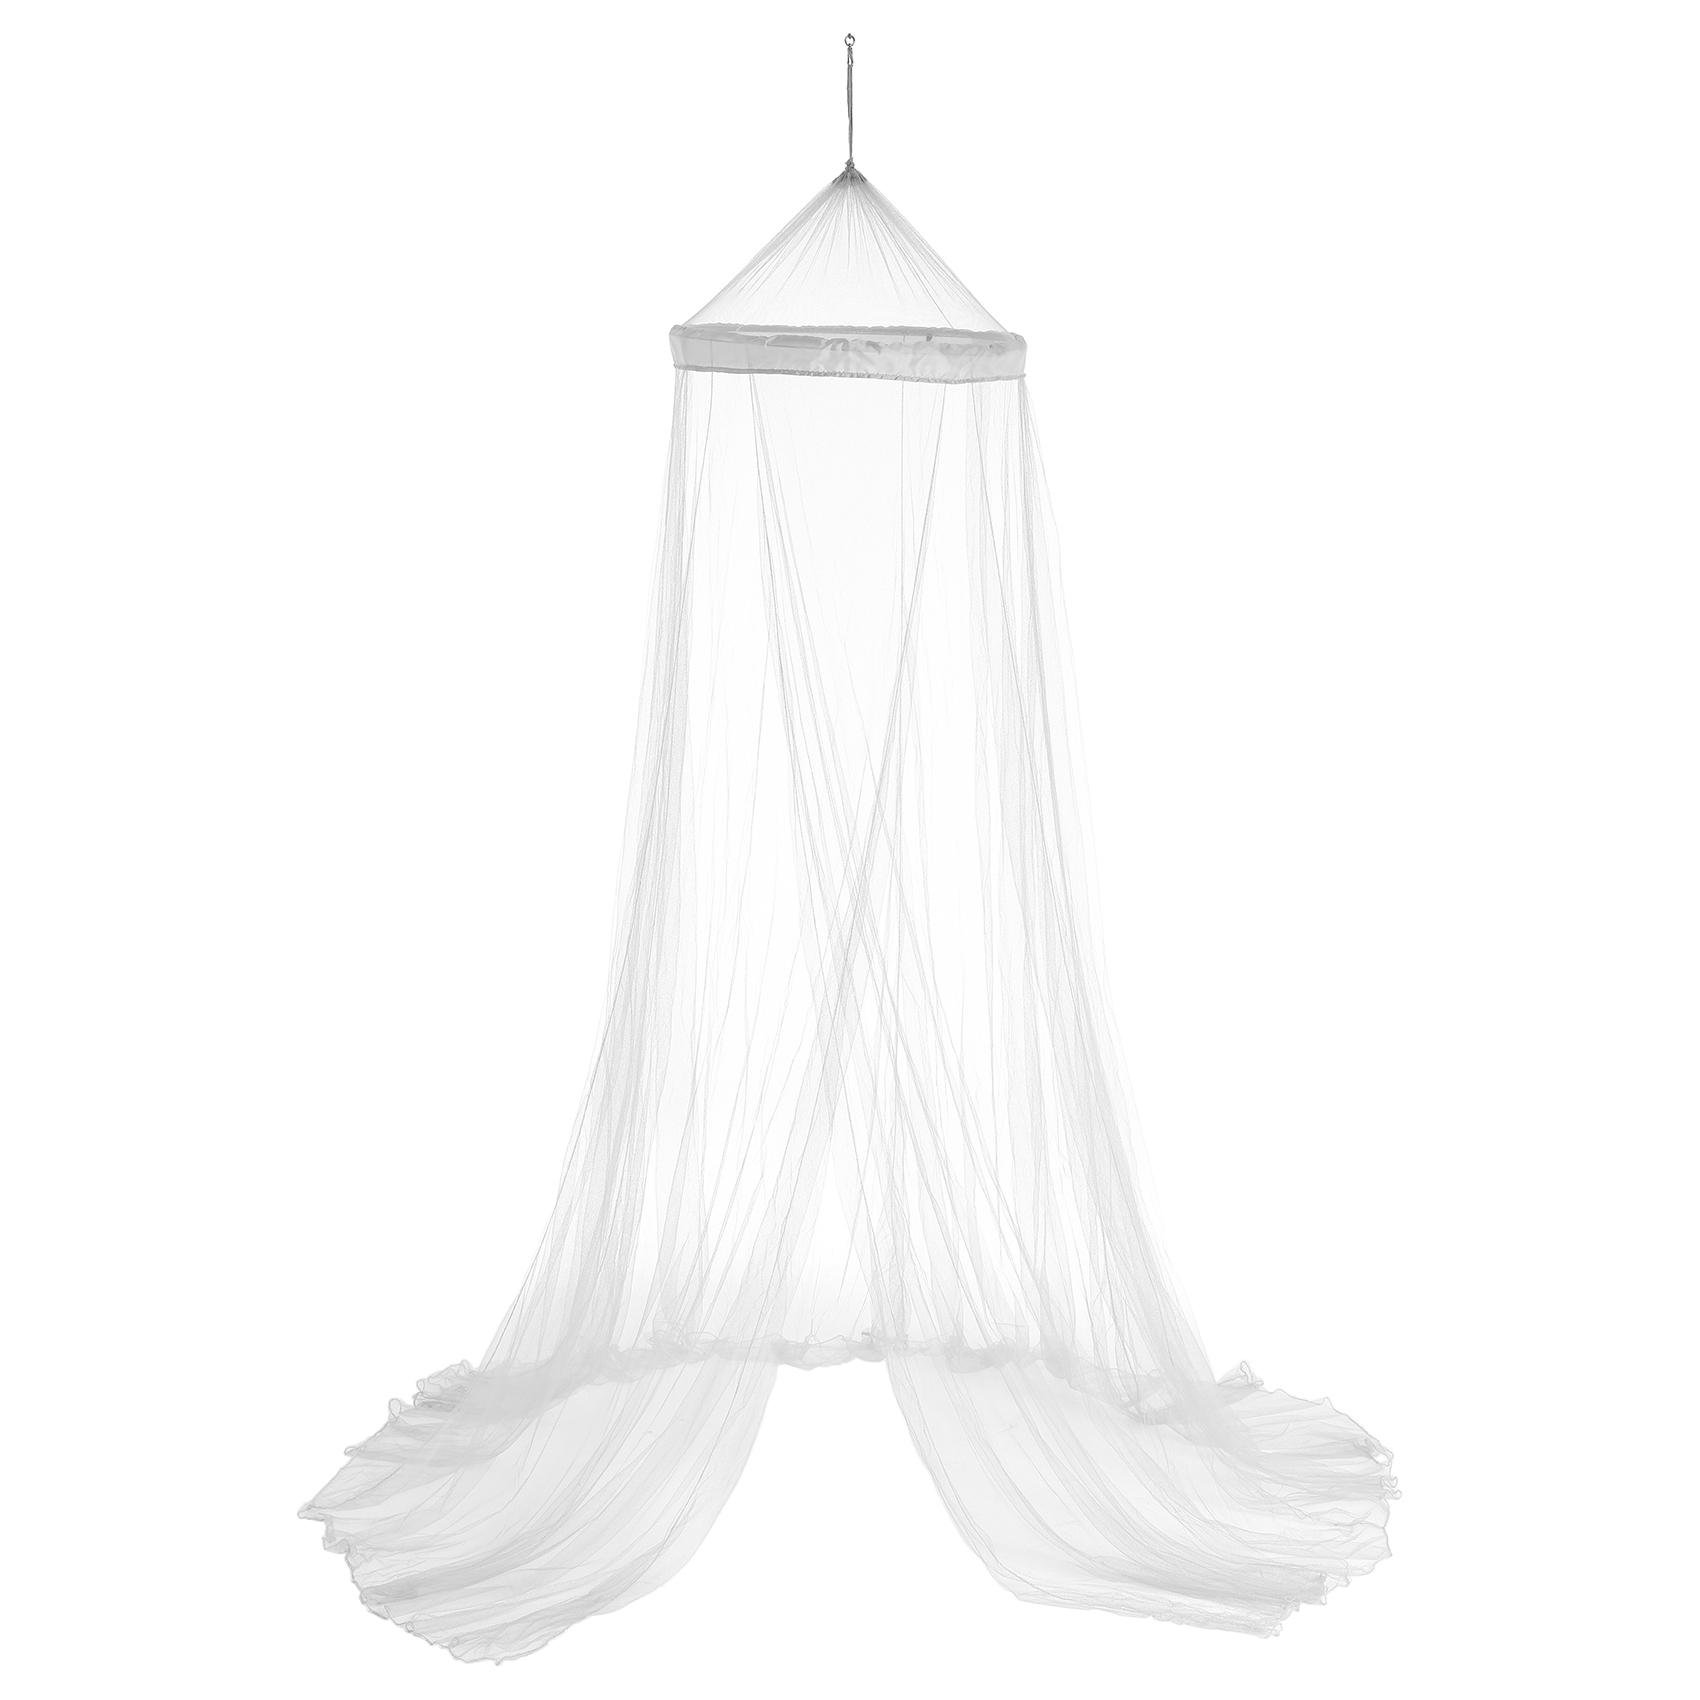 Ciel de lit moustiquaire polyester blanc 250x60